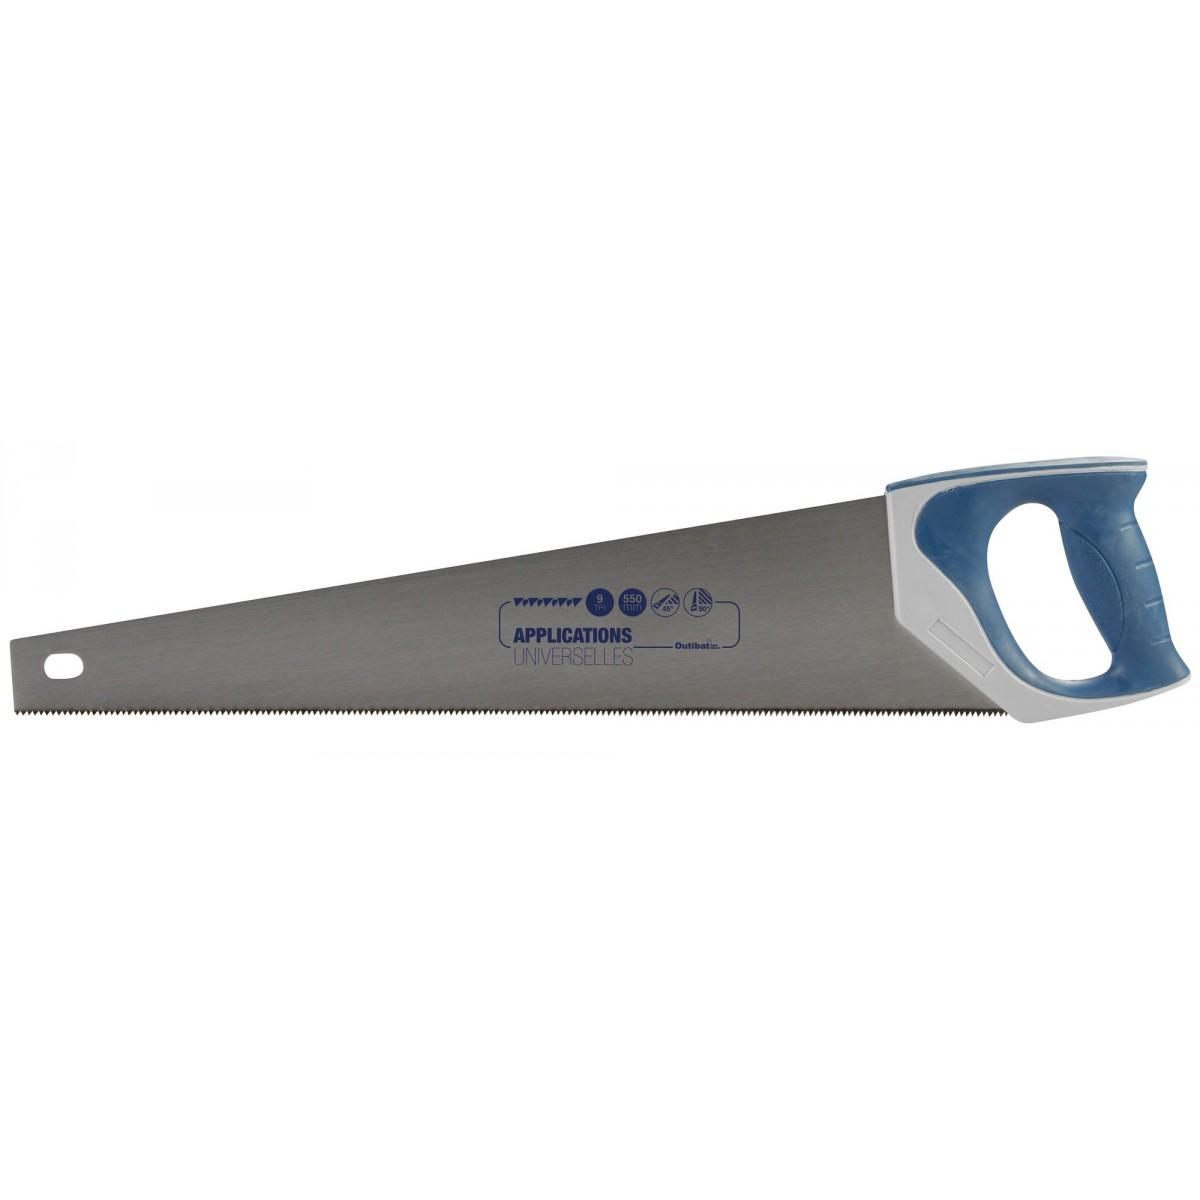 Scie égoïne universelle Outibat - Manche bi-matière - Longueur 550 mm